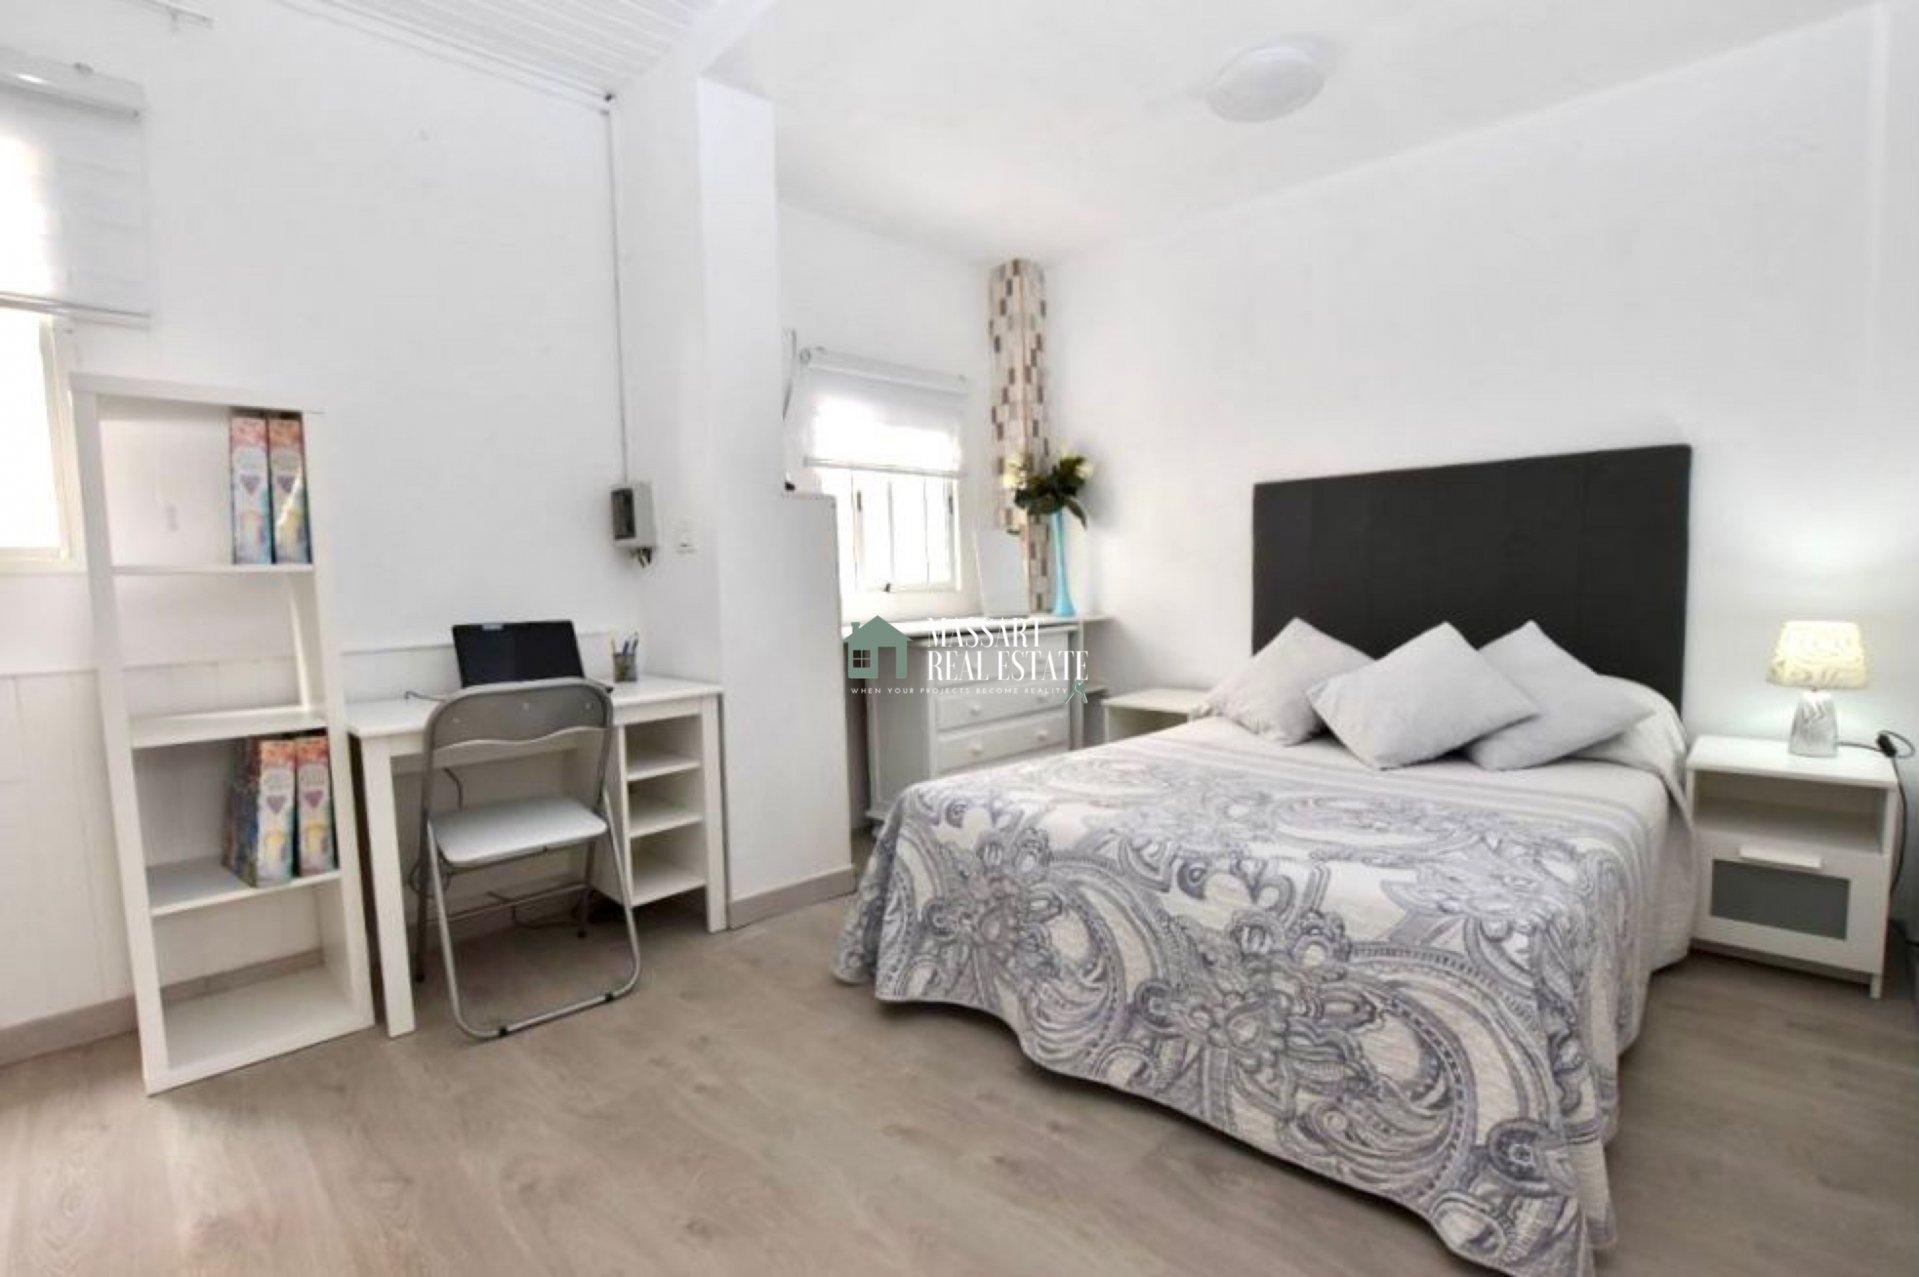 Onlangs gerenoveerd en volledig gemeubileerd appartement gelegen in een strategisch gebied van Buzanada, op slechts 10 minuten van Los Cristianos.